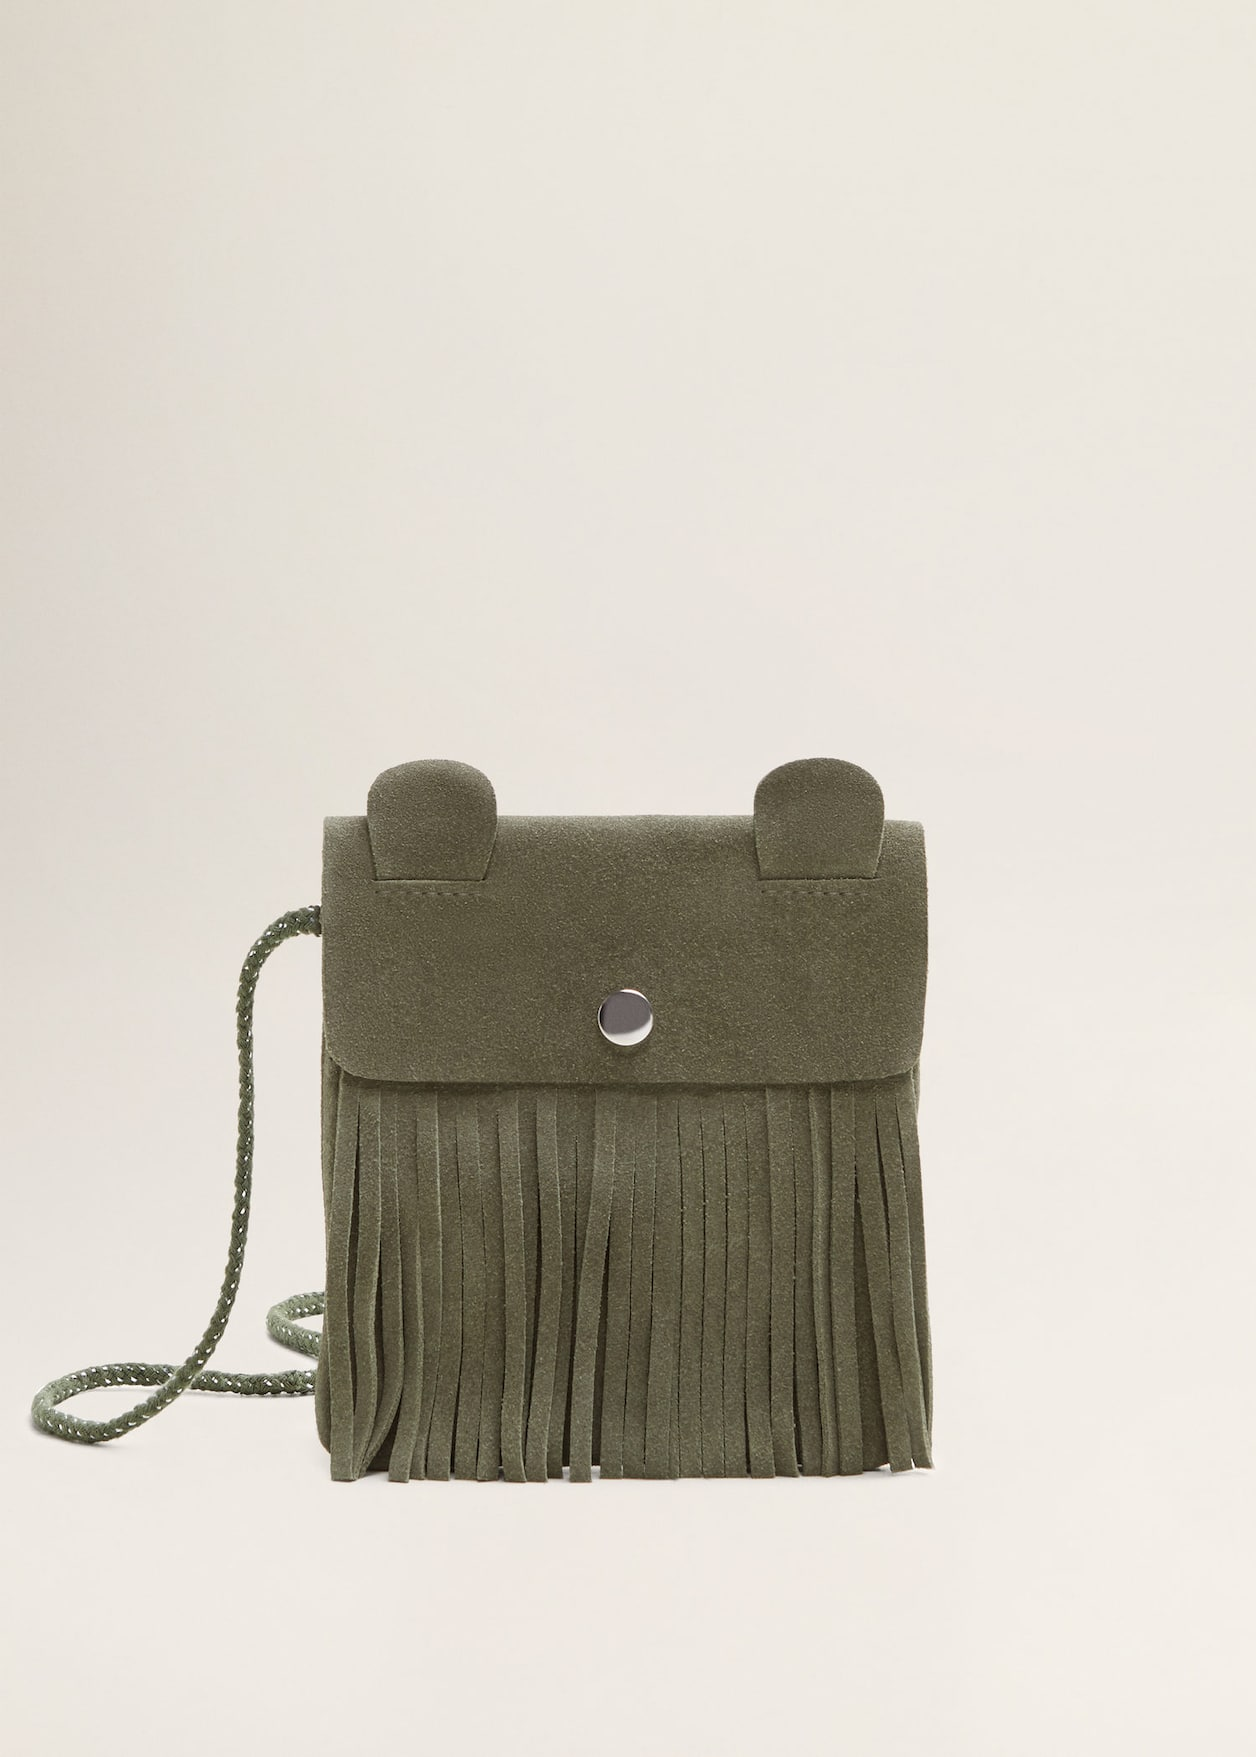 bieten viel Genießen Sie kostenlosen Versand online zum Verkauf Taschen für Mädchen 2019 | OUTLET Luxemburg